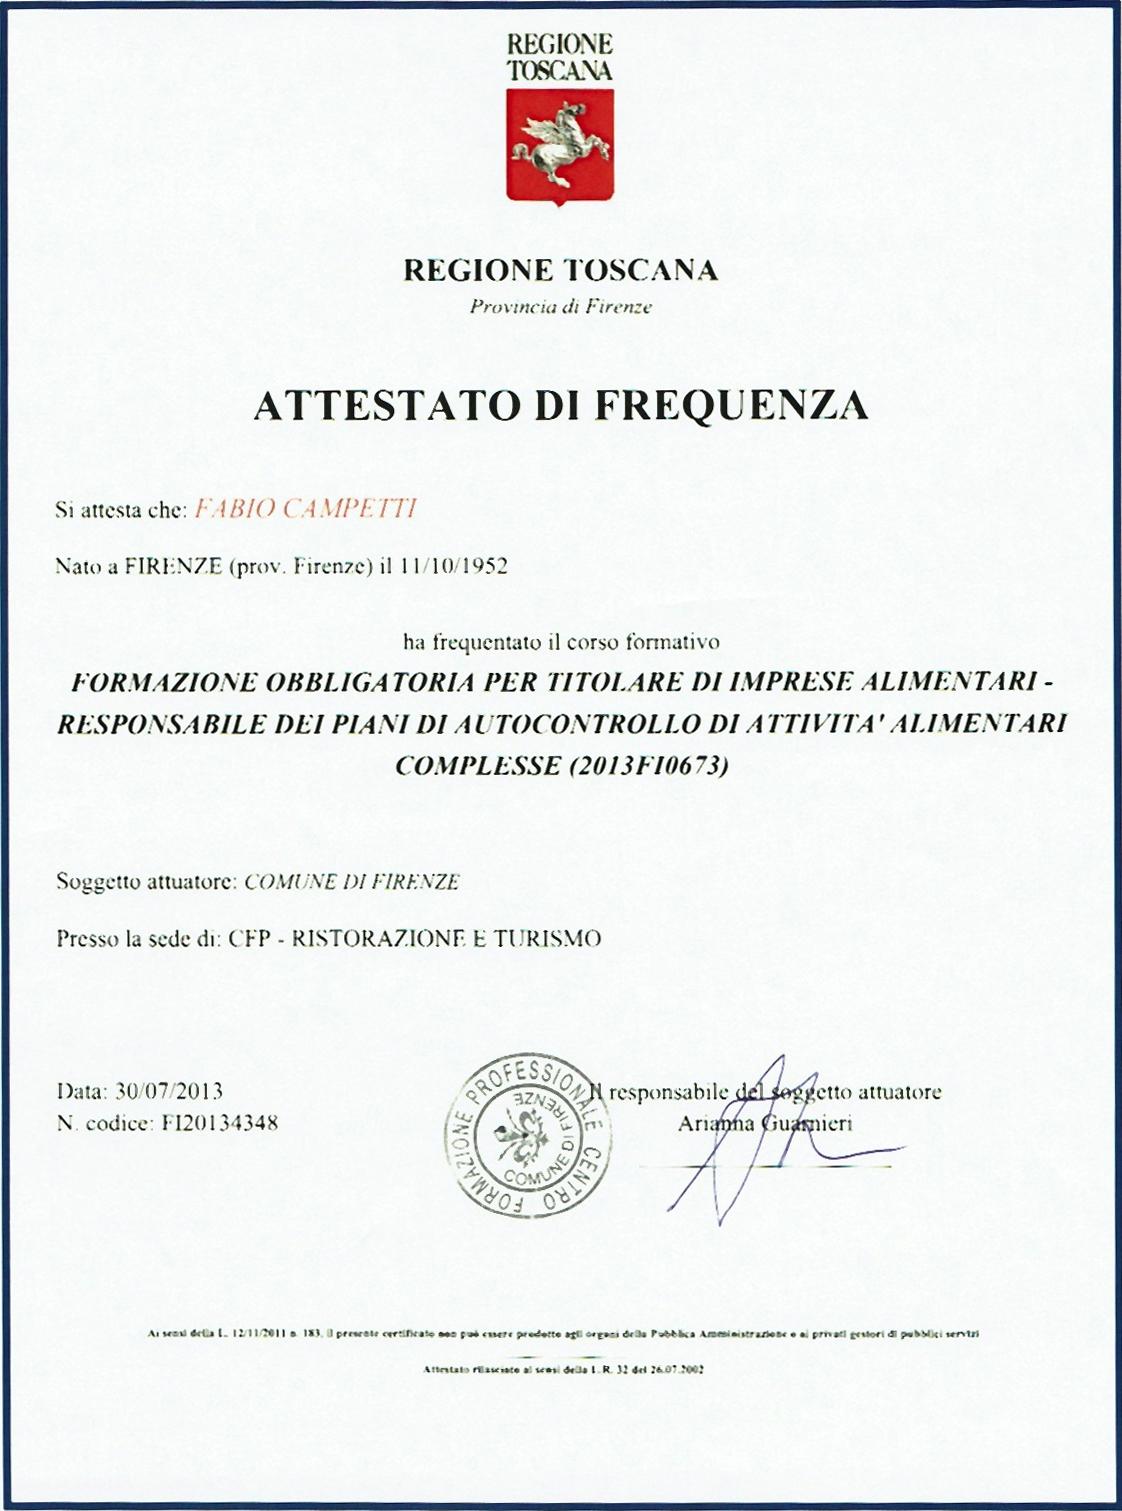 Attestato HACCP